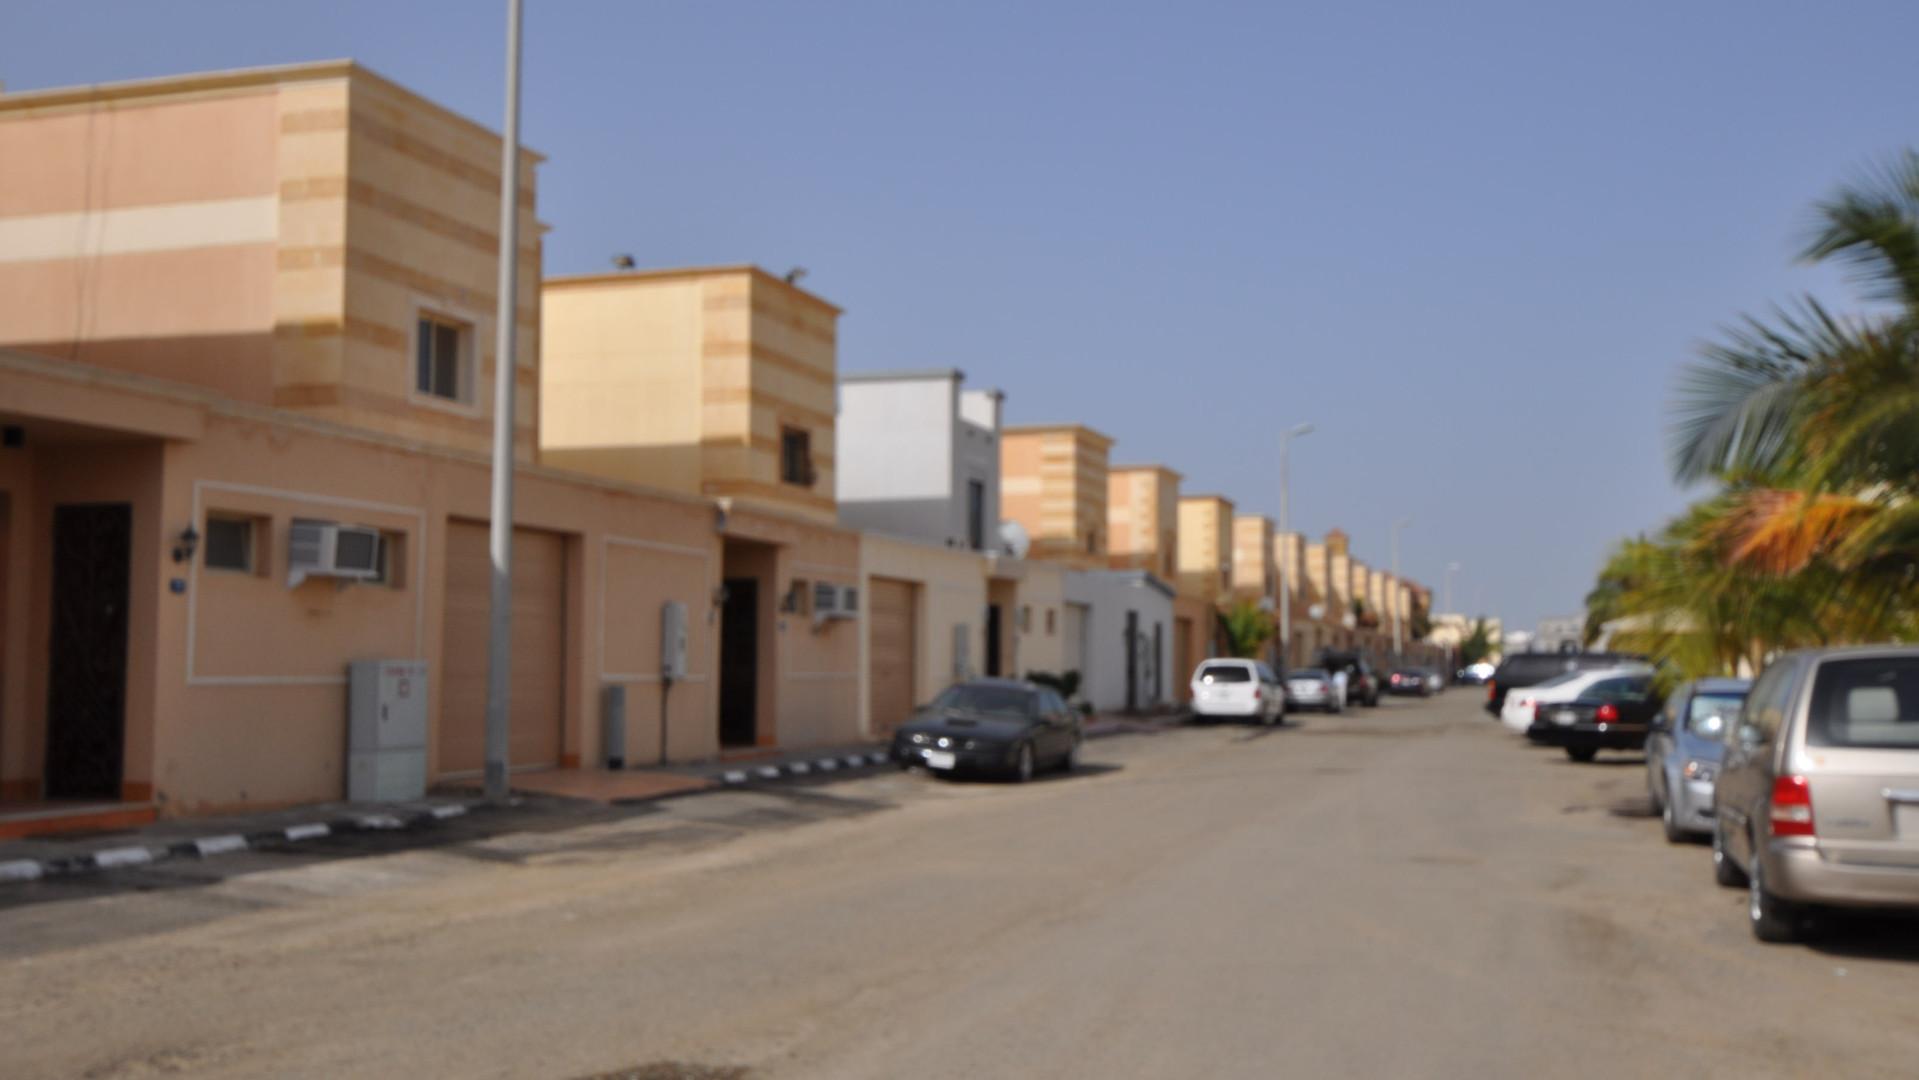 Albasaten 2 Homes.JPG